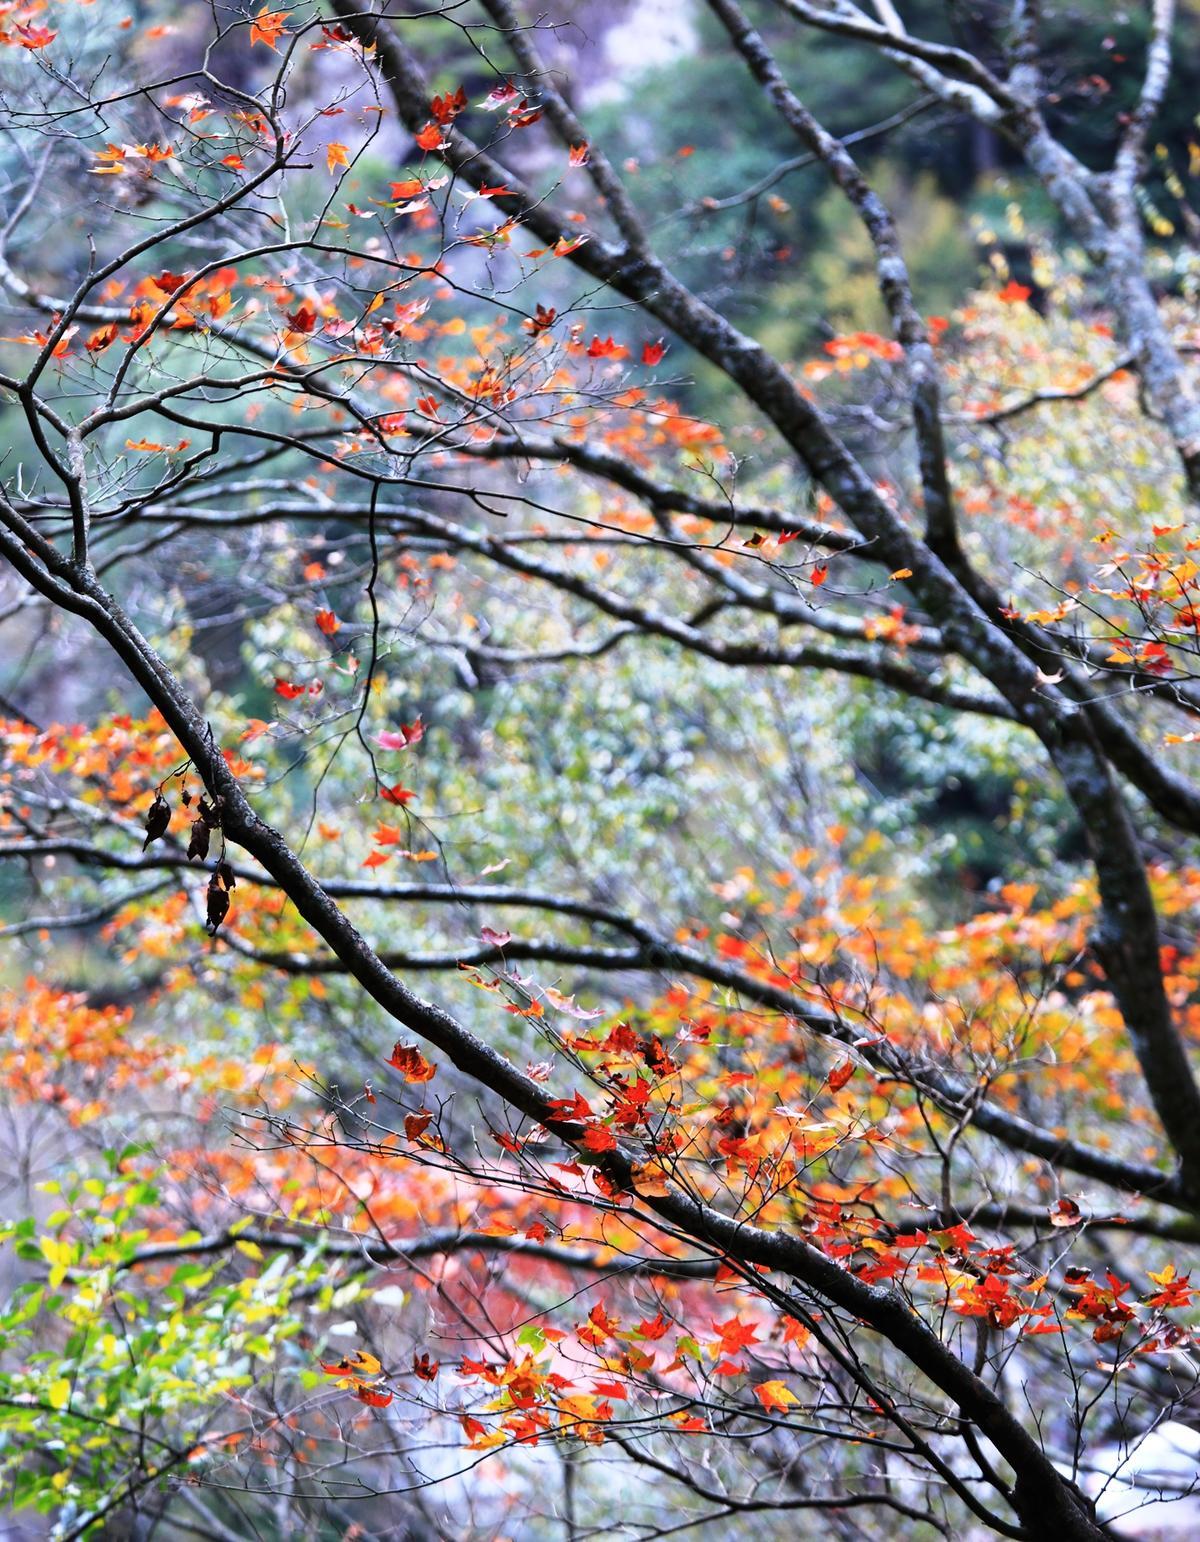 1月中旬造訪環山部落,能一次看到紅葉與梅花交織的秋冬之景。